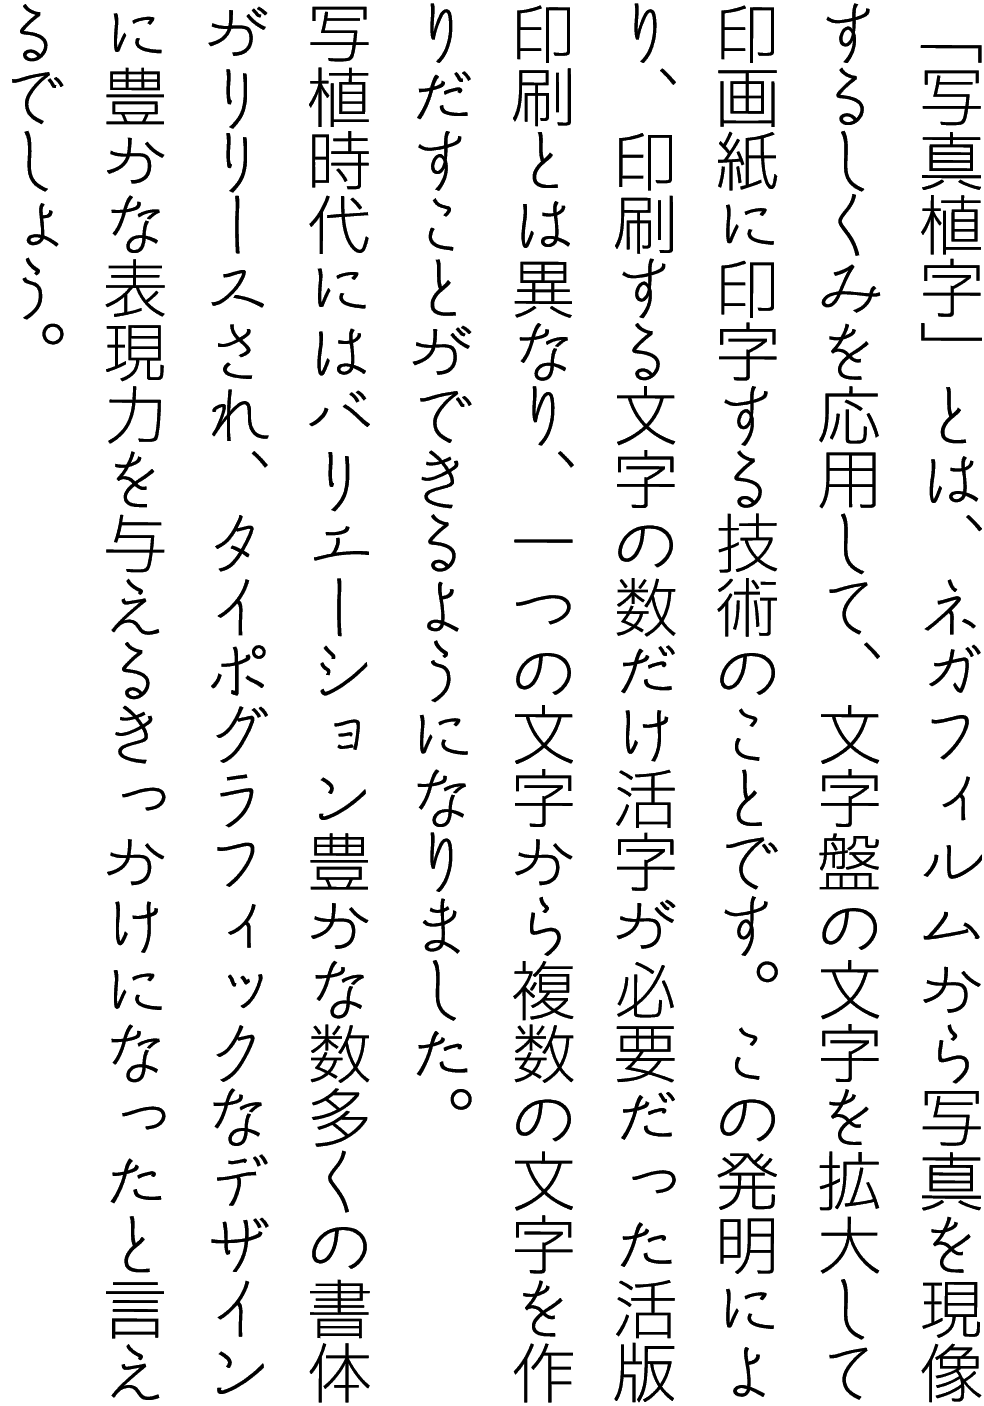 ゴナ L かなC LNAG-C 縦組見本